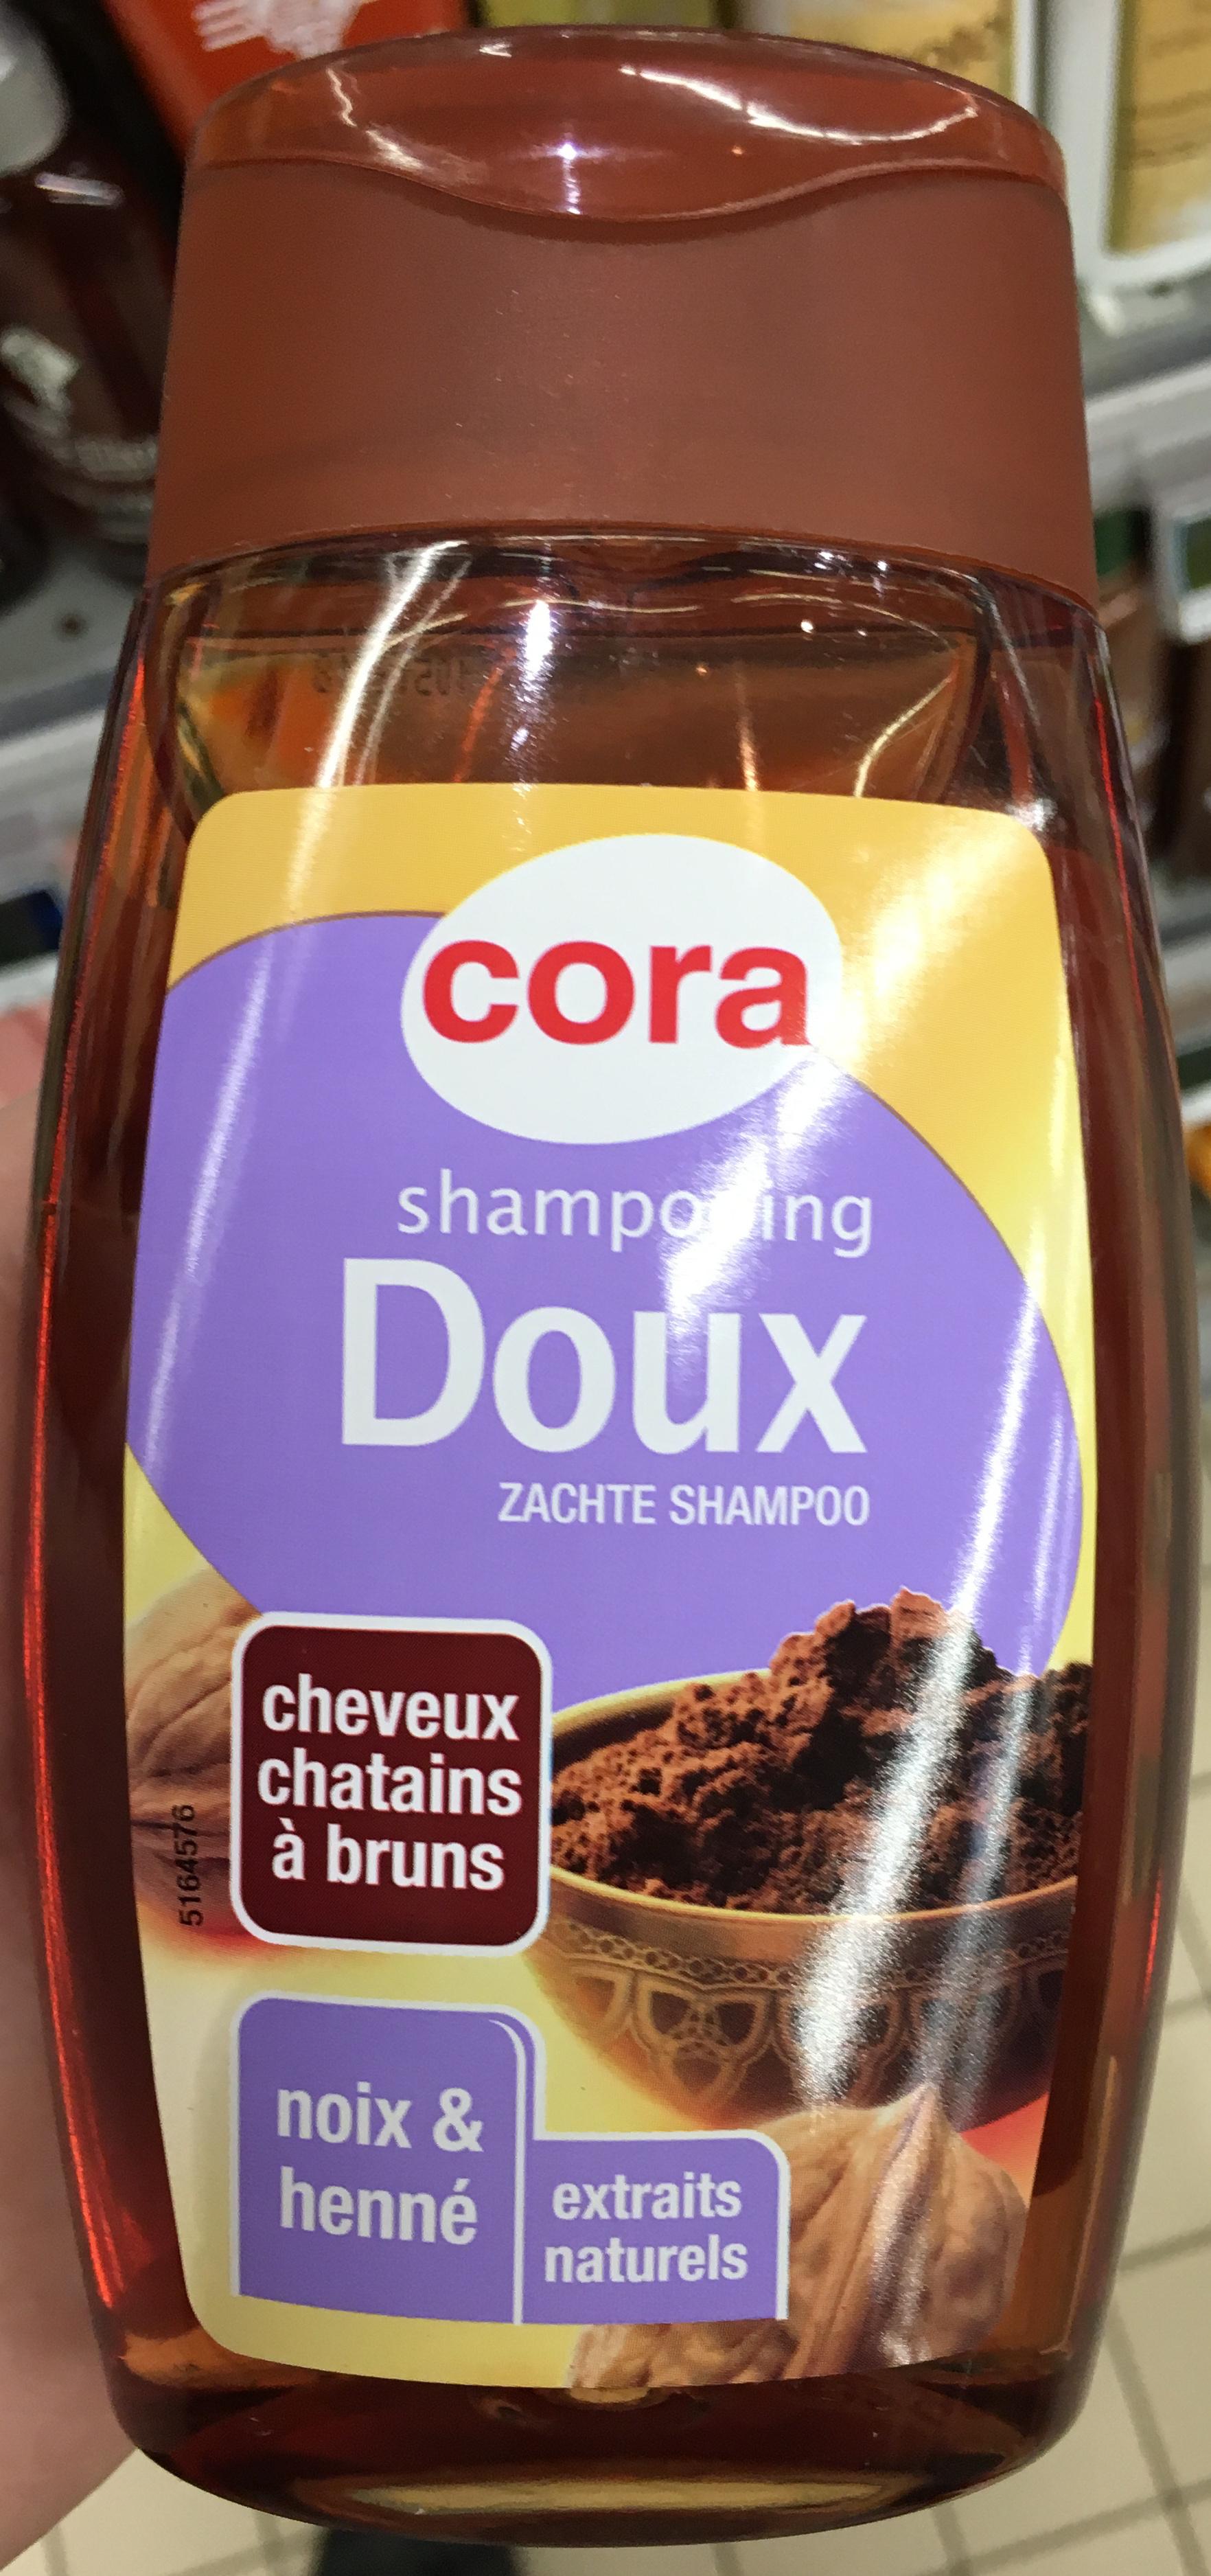 Shampooing doux Cheveux chatains à bruns Noix & Henné - Product